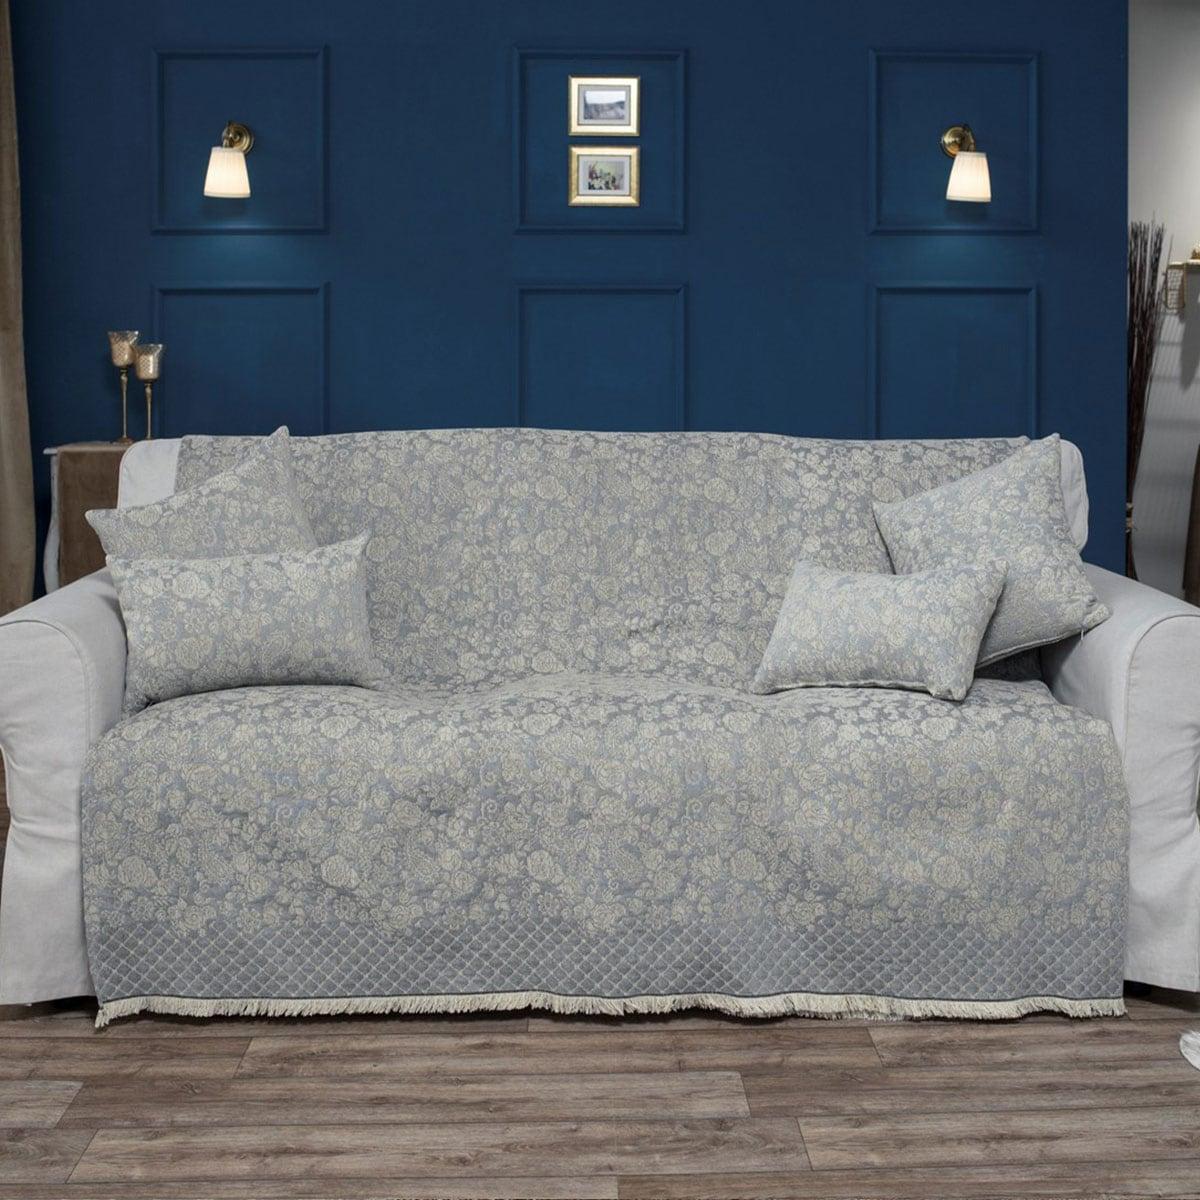 Ριχτάρι Tennessee 04 Grey Teoran Πολυθρόνα 180x150cm